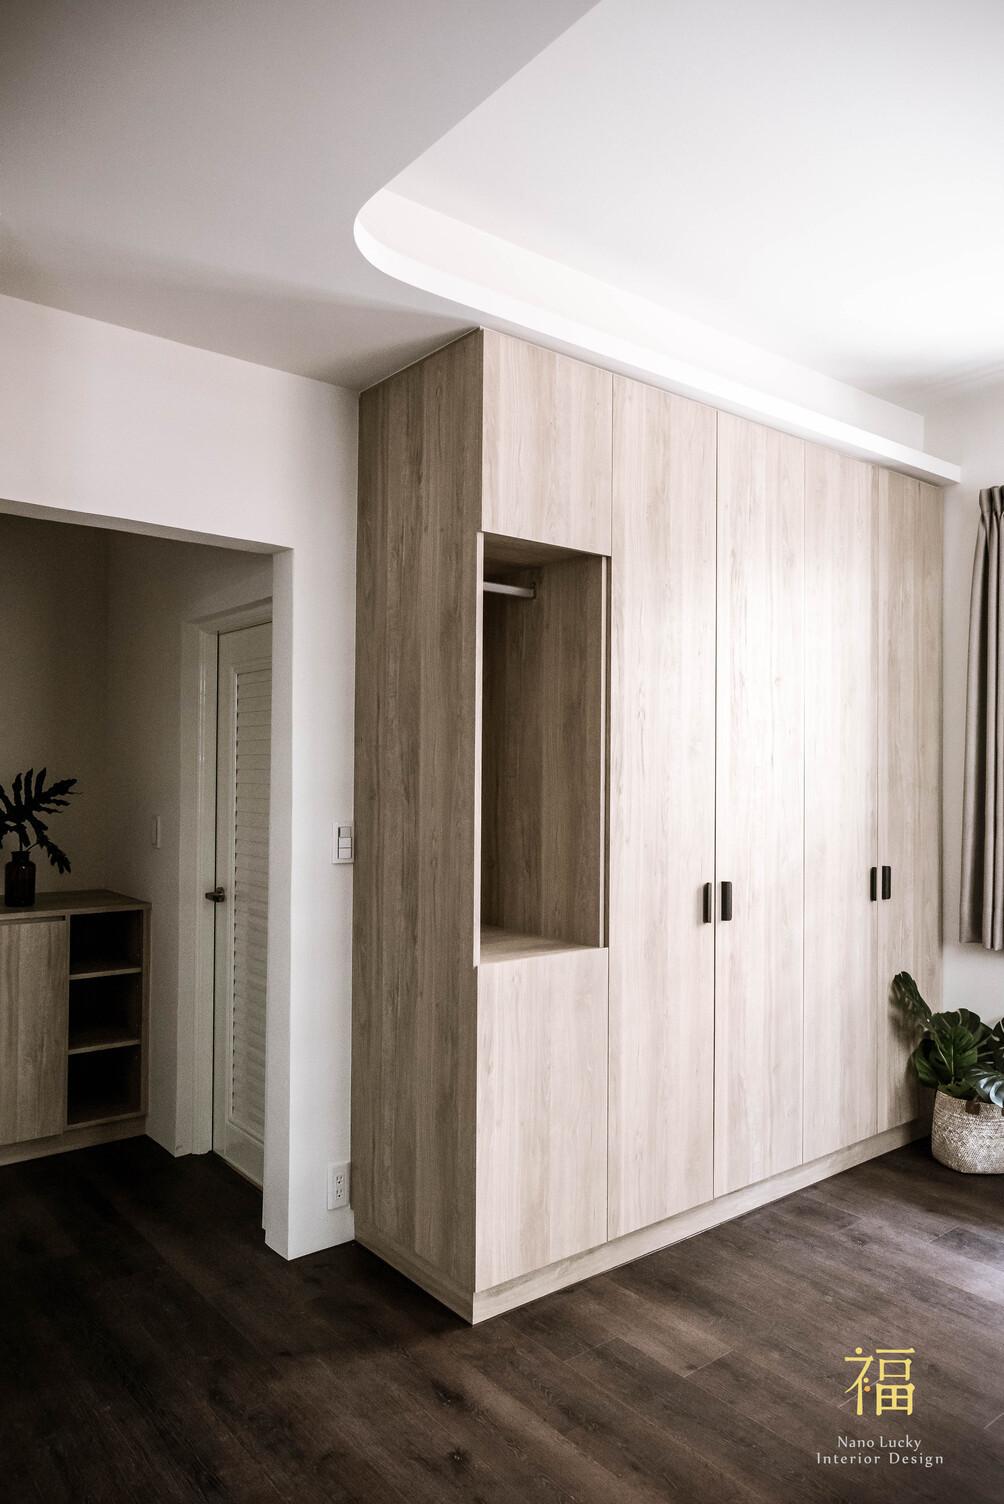 Nanolucky小福砌空間設計-小蘋果之家-住宅設計-現代北歐風-舊屋翻新-系統櫃設計